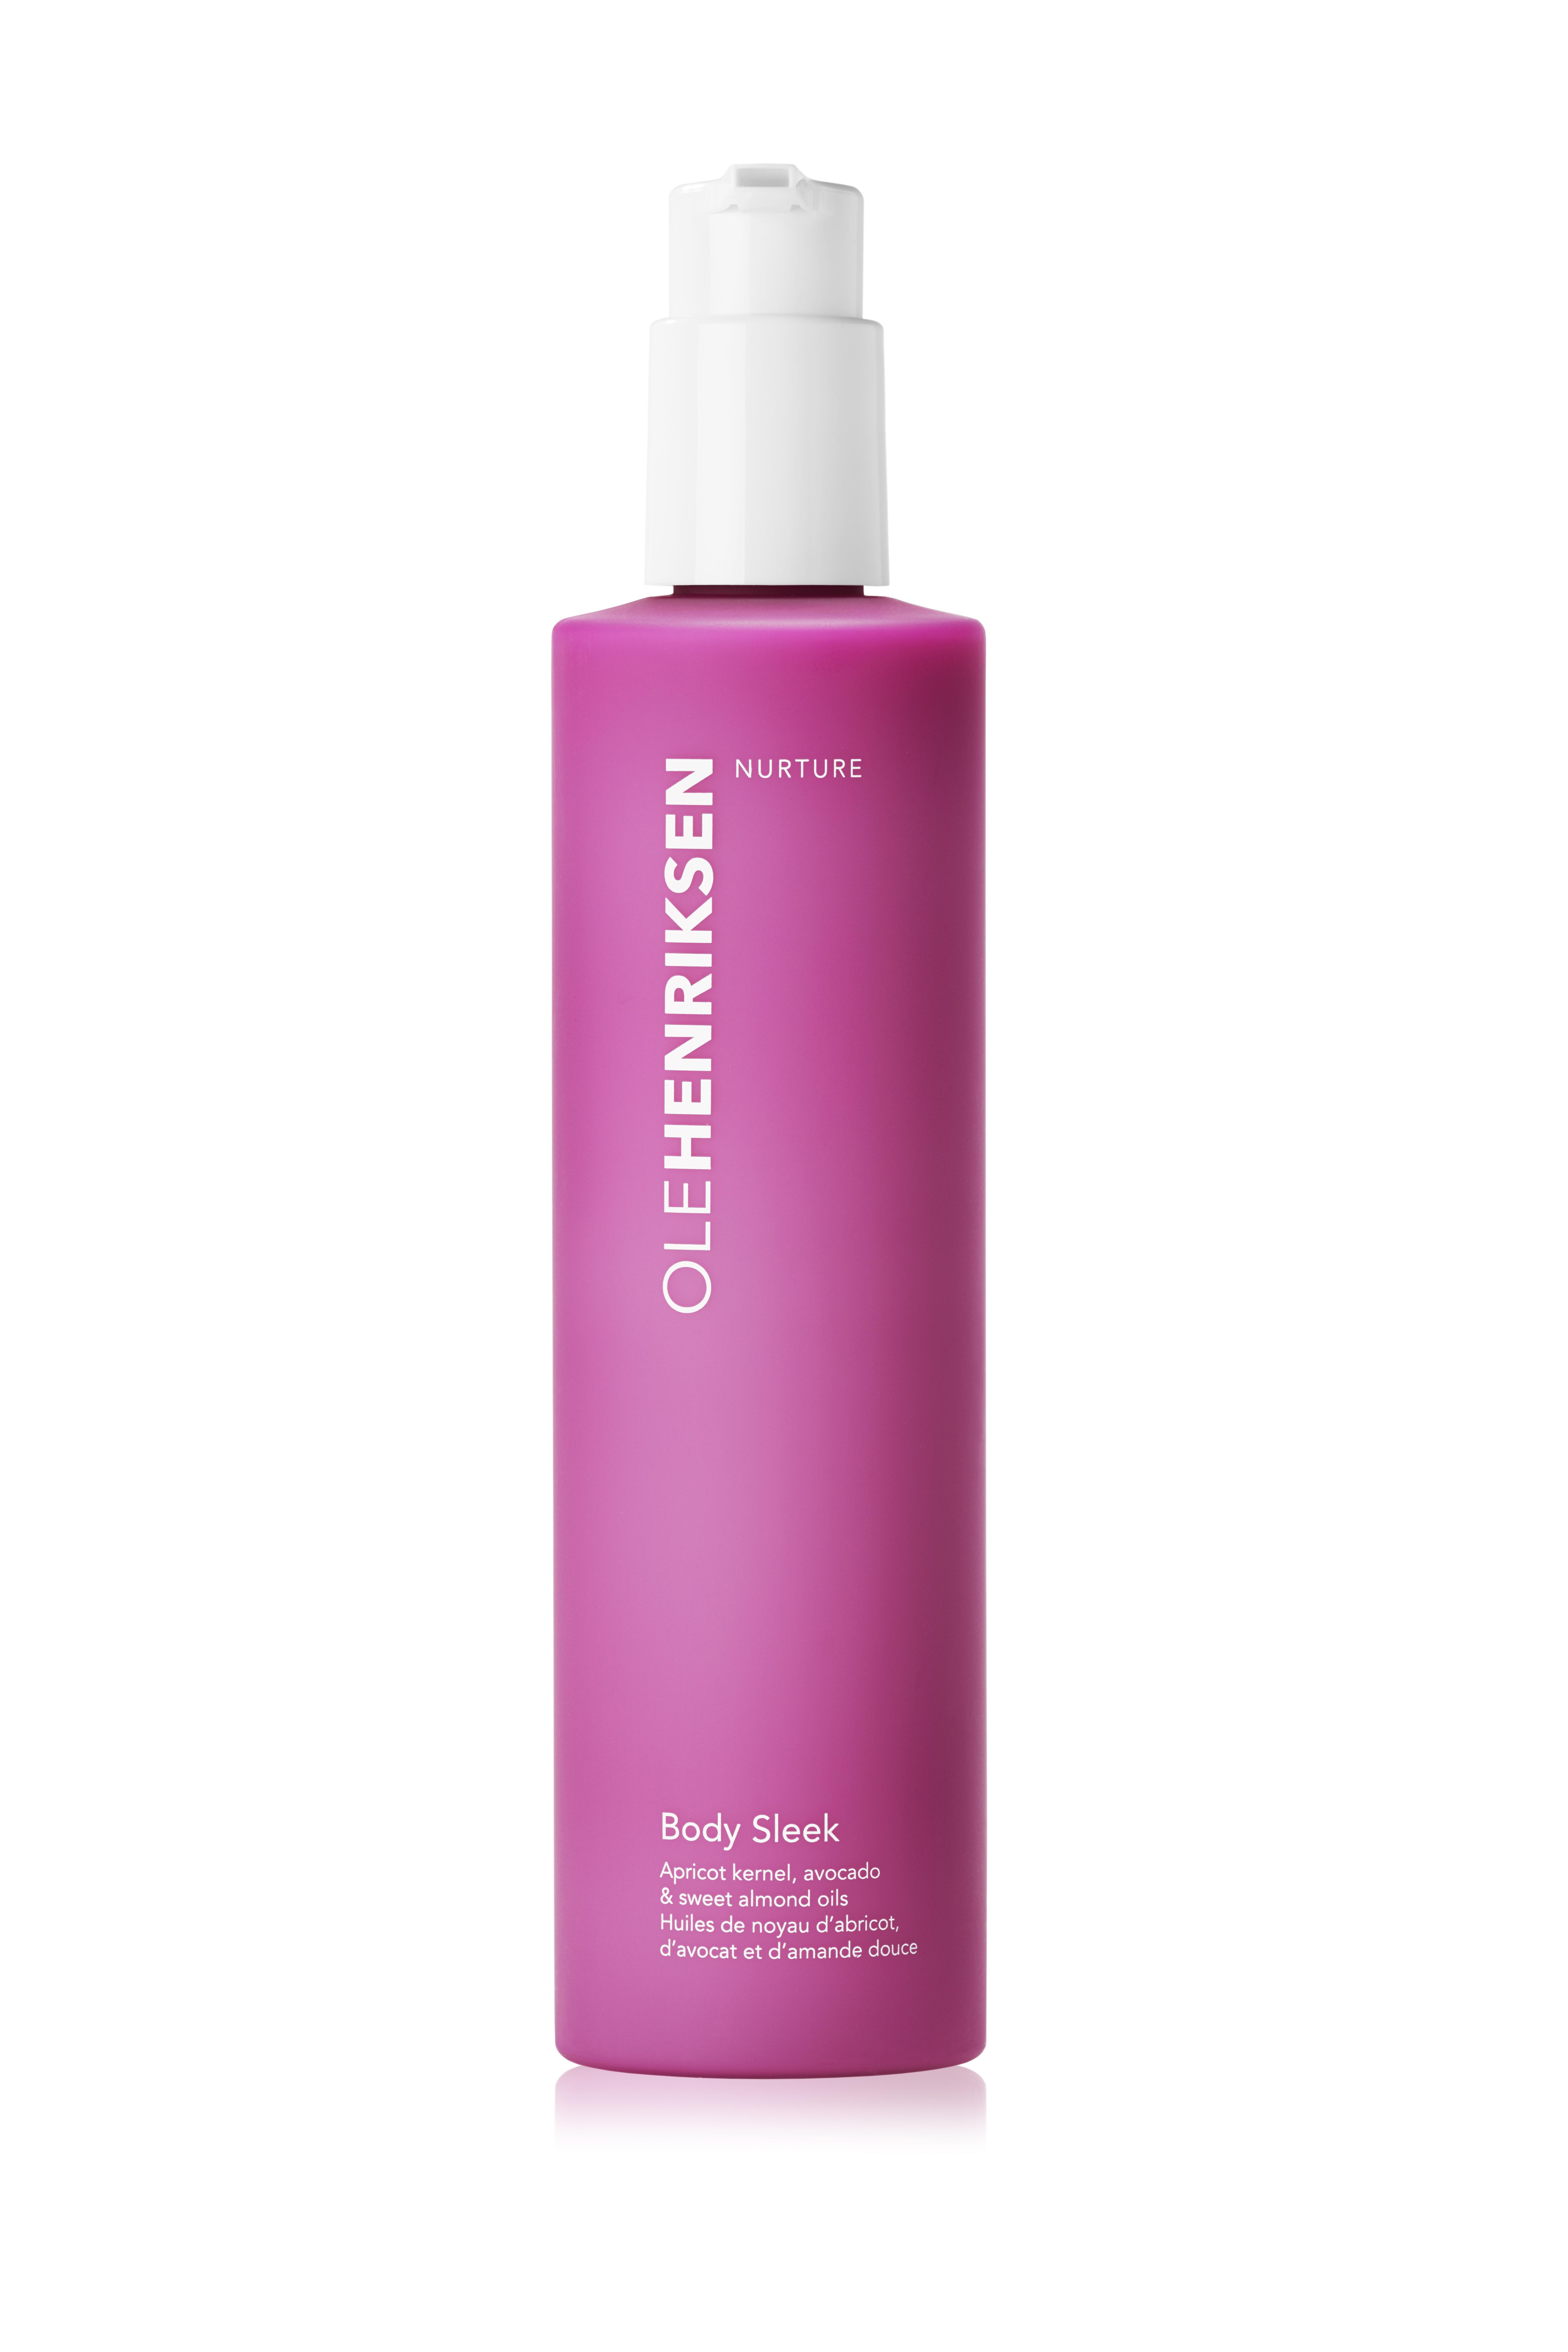 Ole Henriksen Nurture Body Sleek, 295 ml